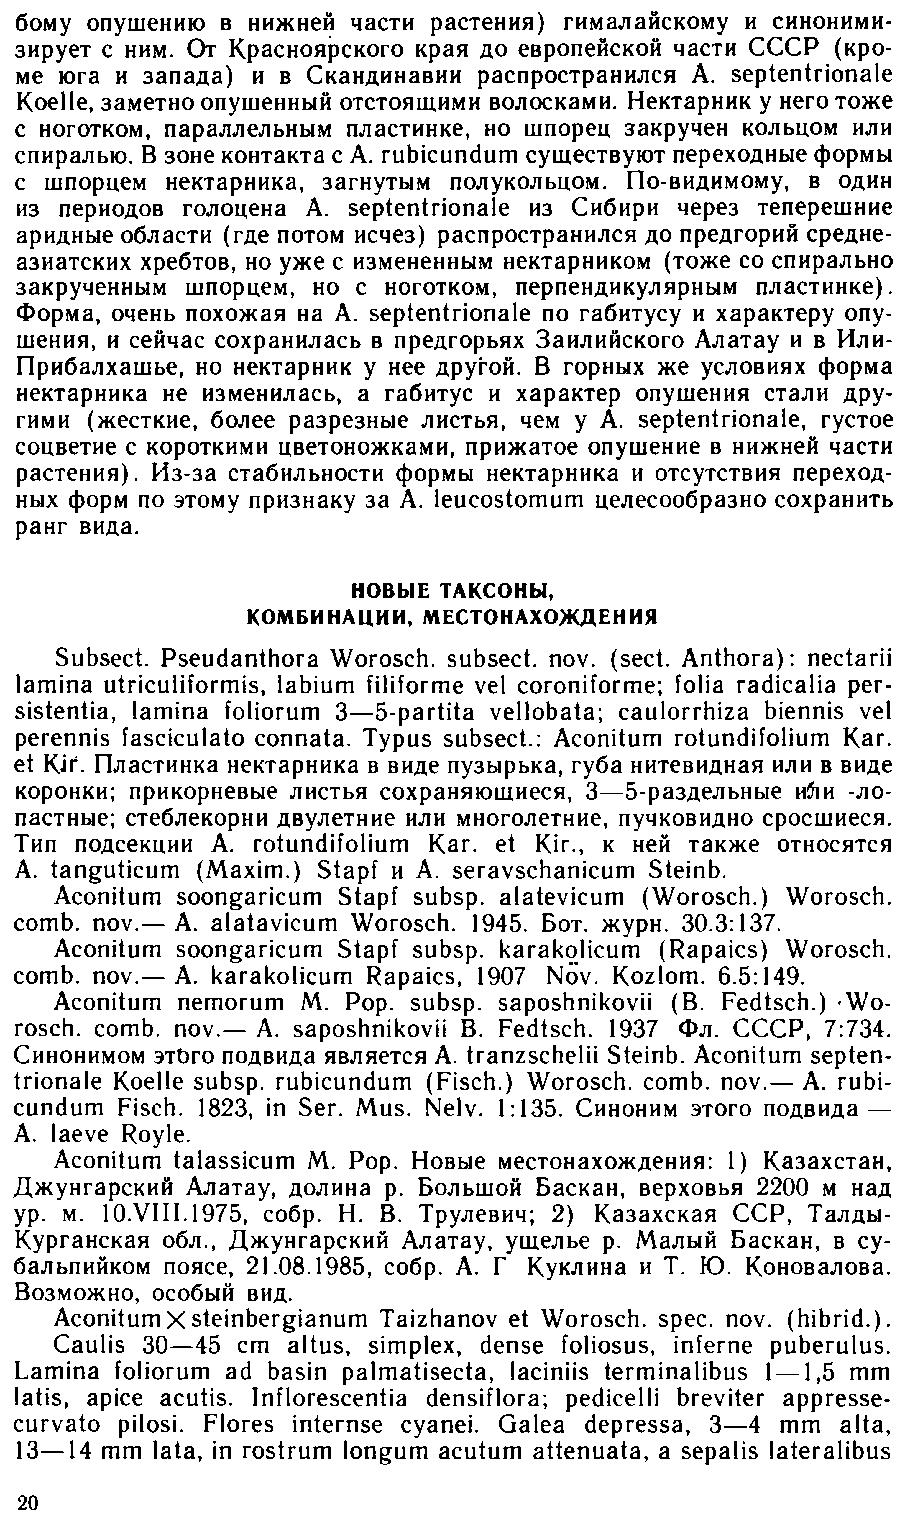 https://forum.plantarium.ru/misc.php?action=pun_attachment&item=30230